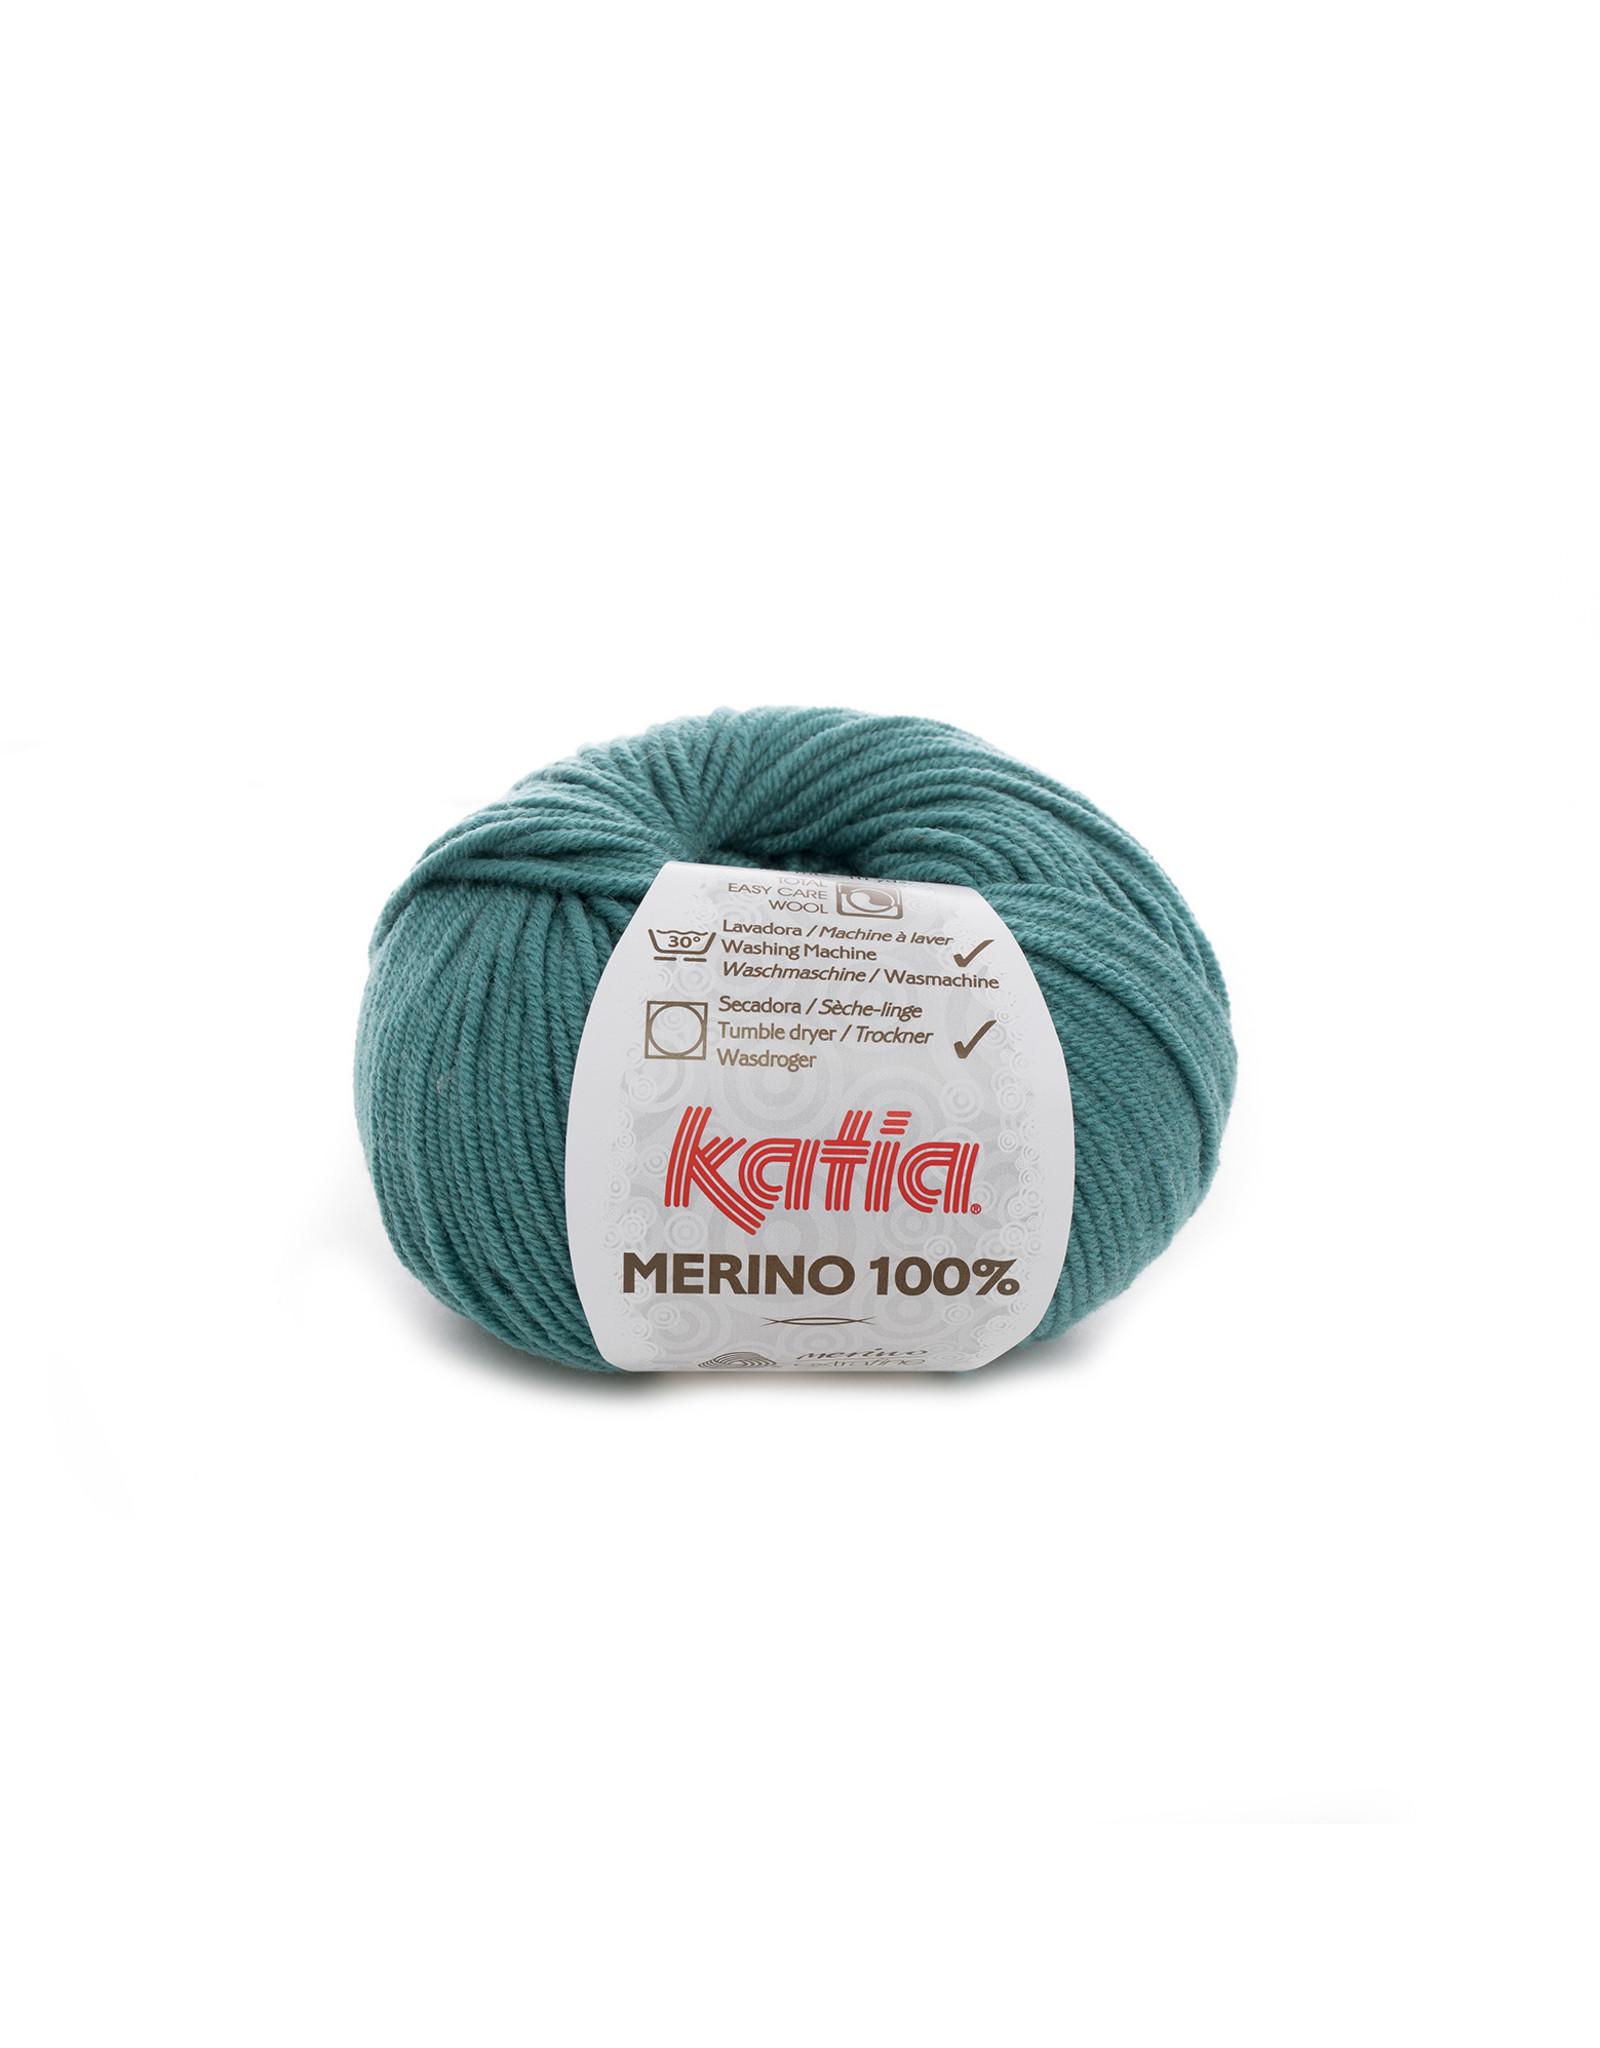 Katia Katia Merino 100% - 54 - Groen - bundel 5 x 50 gr.